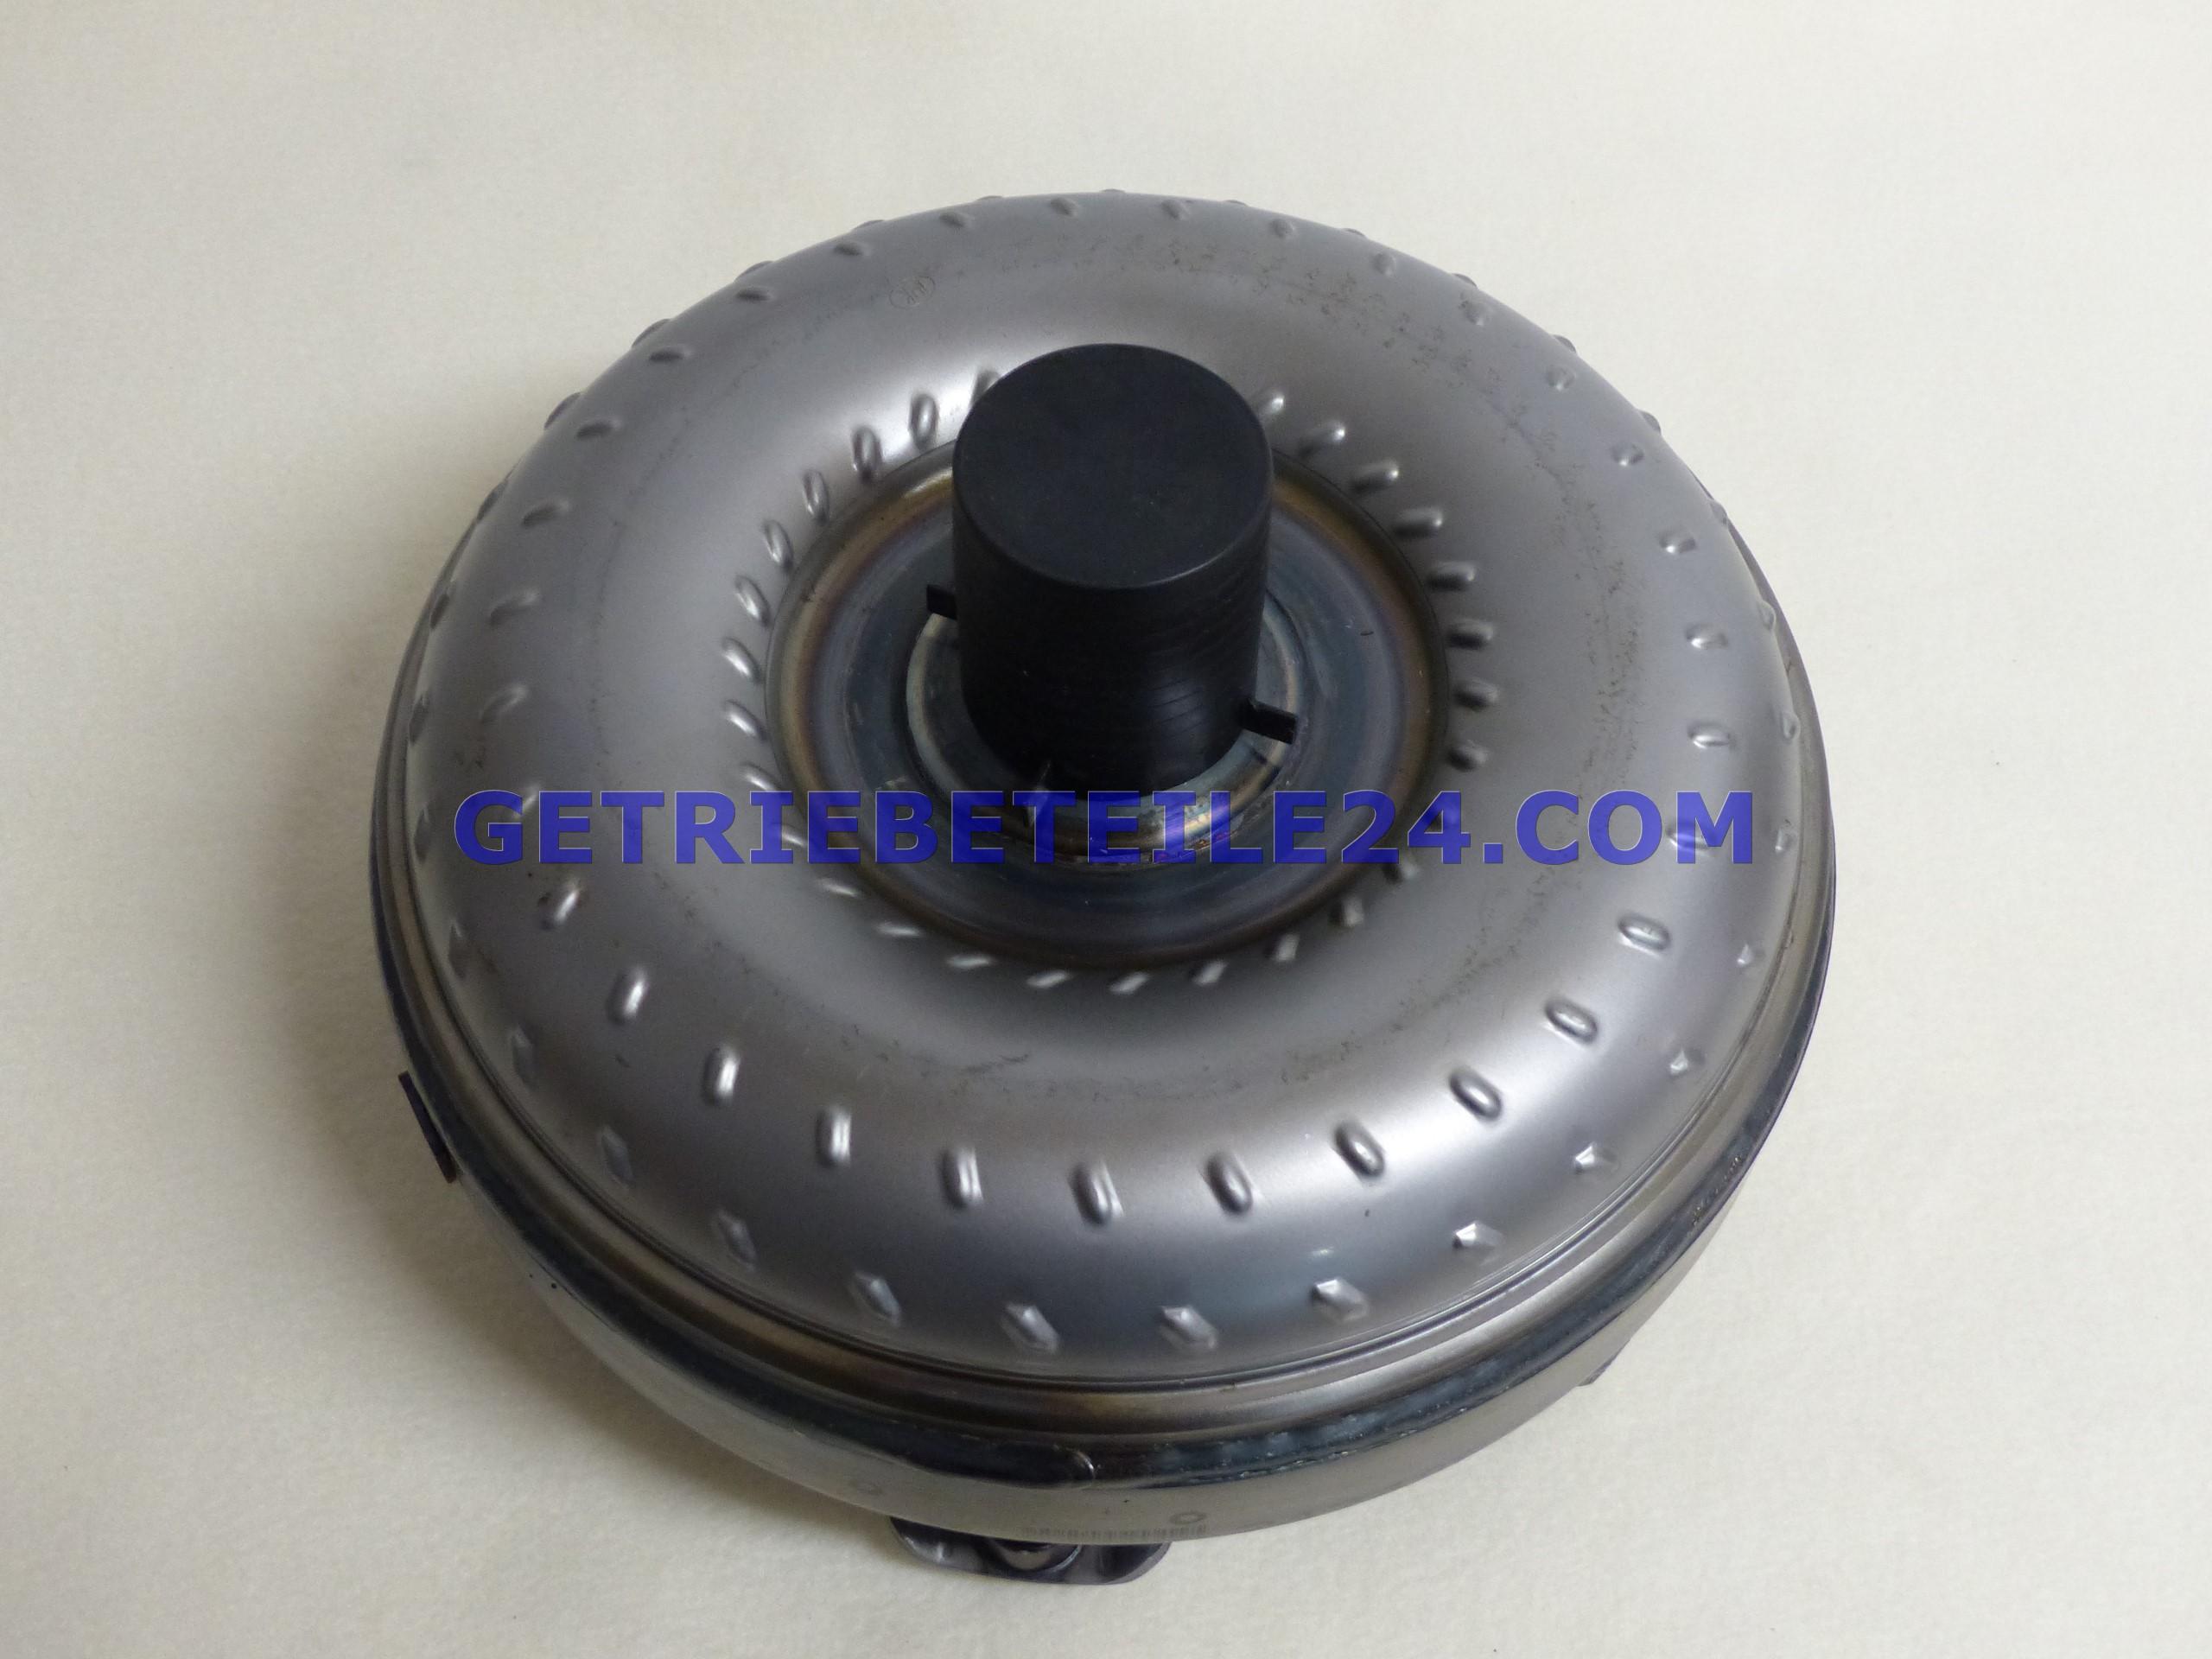 The Gearbox Specialist Torque Converter Bmw 7596066